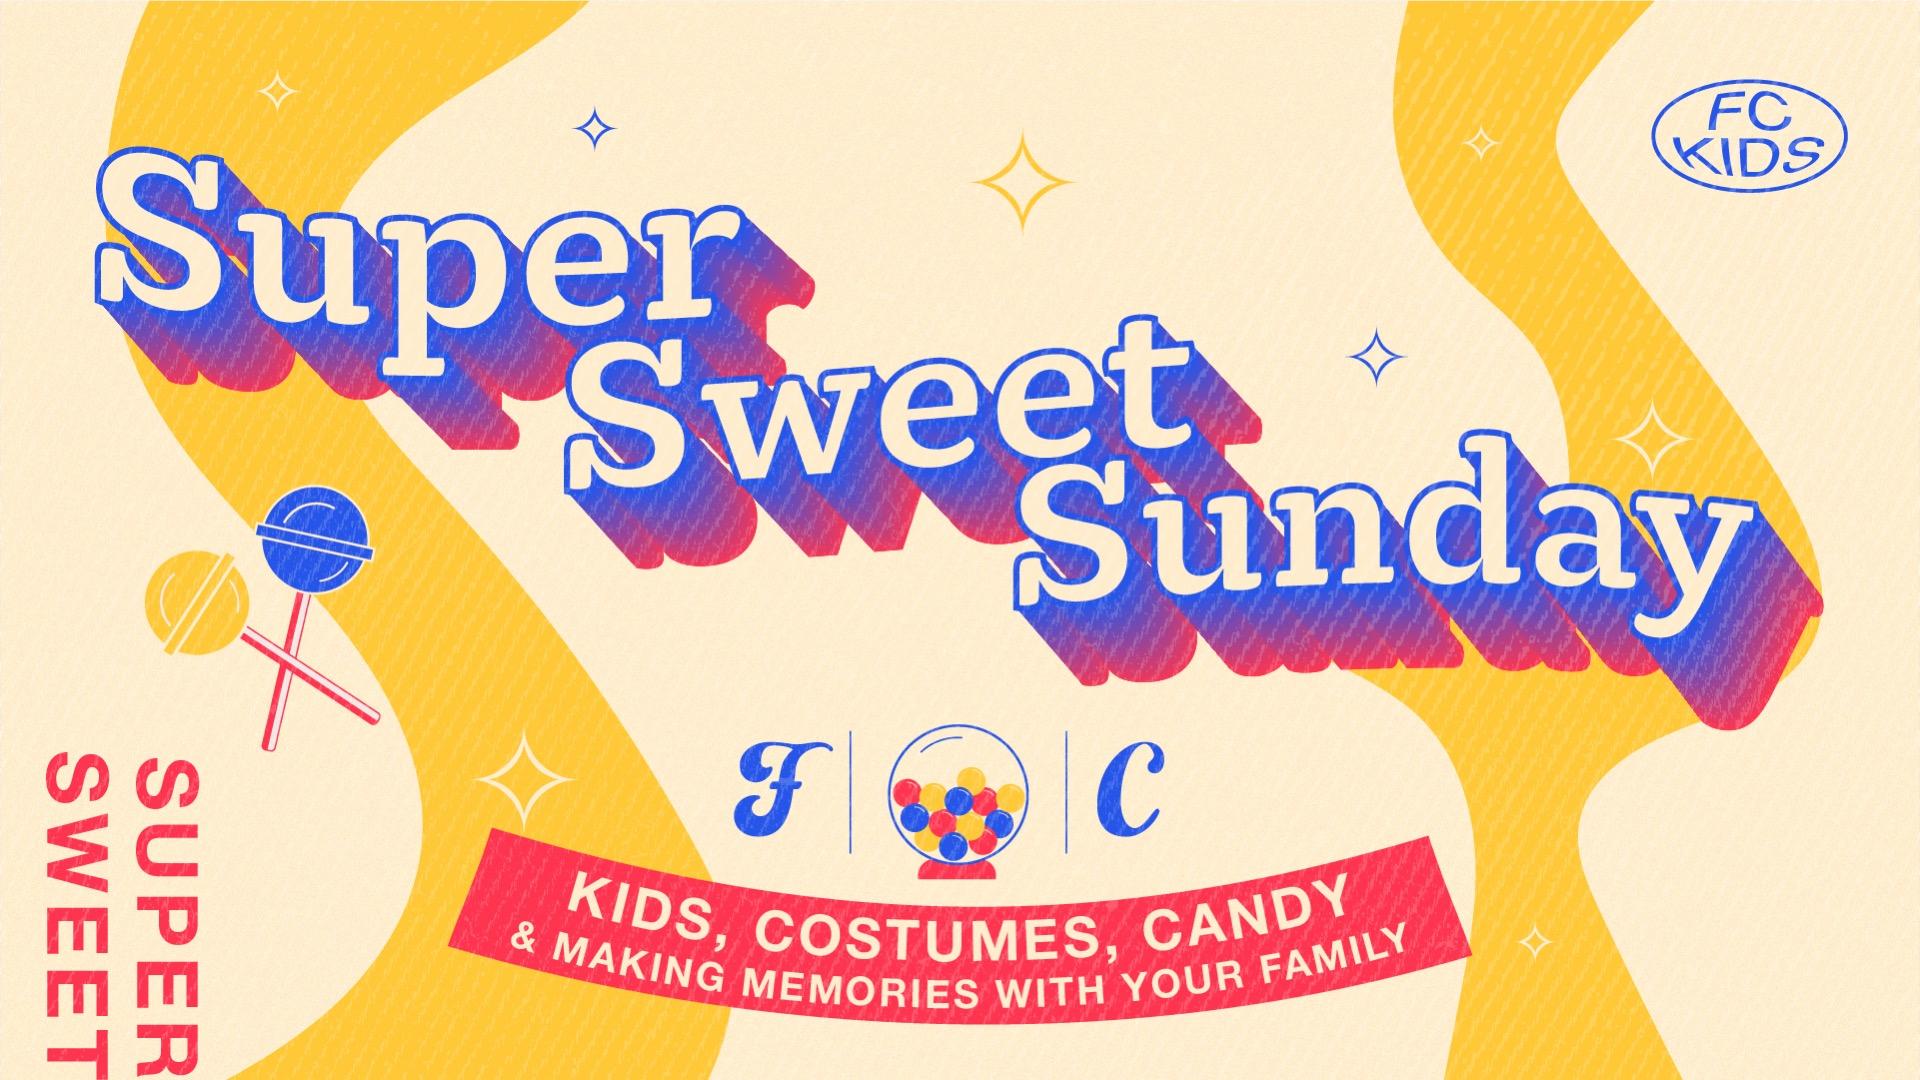 Super Sweet Sunday